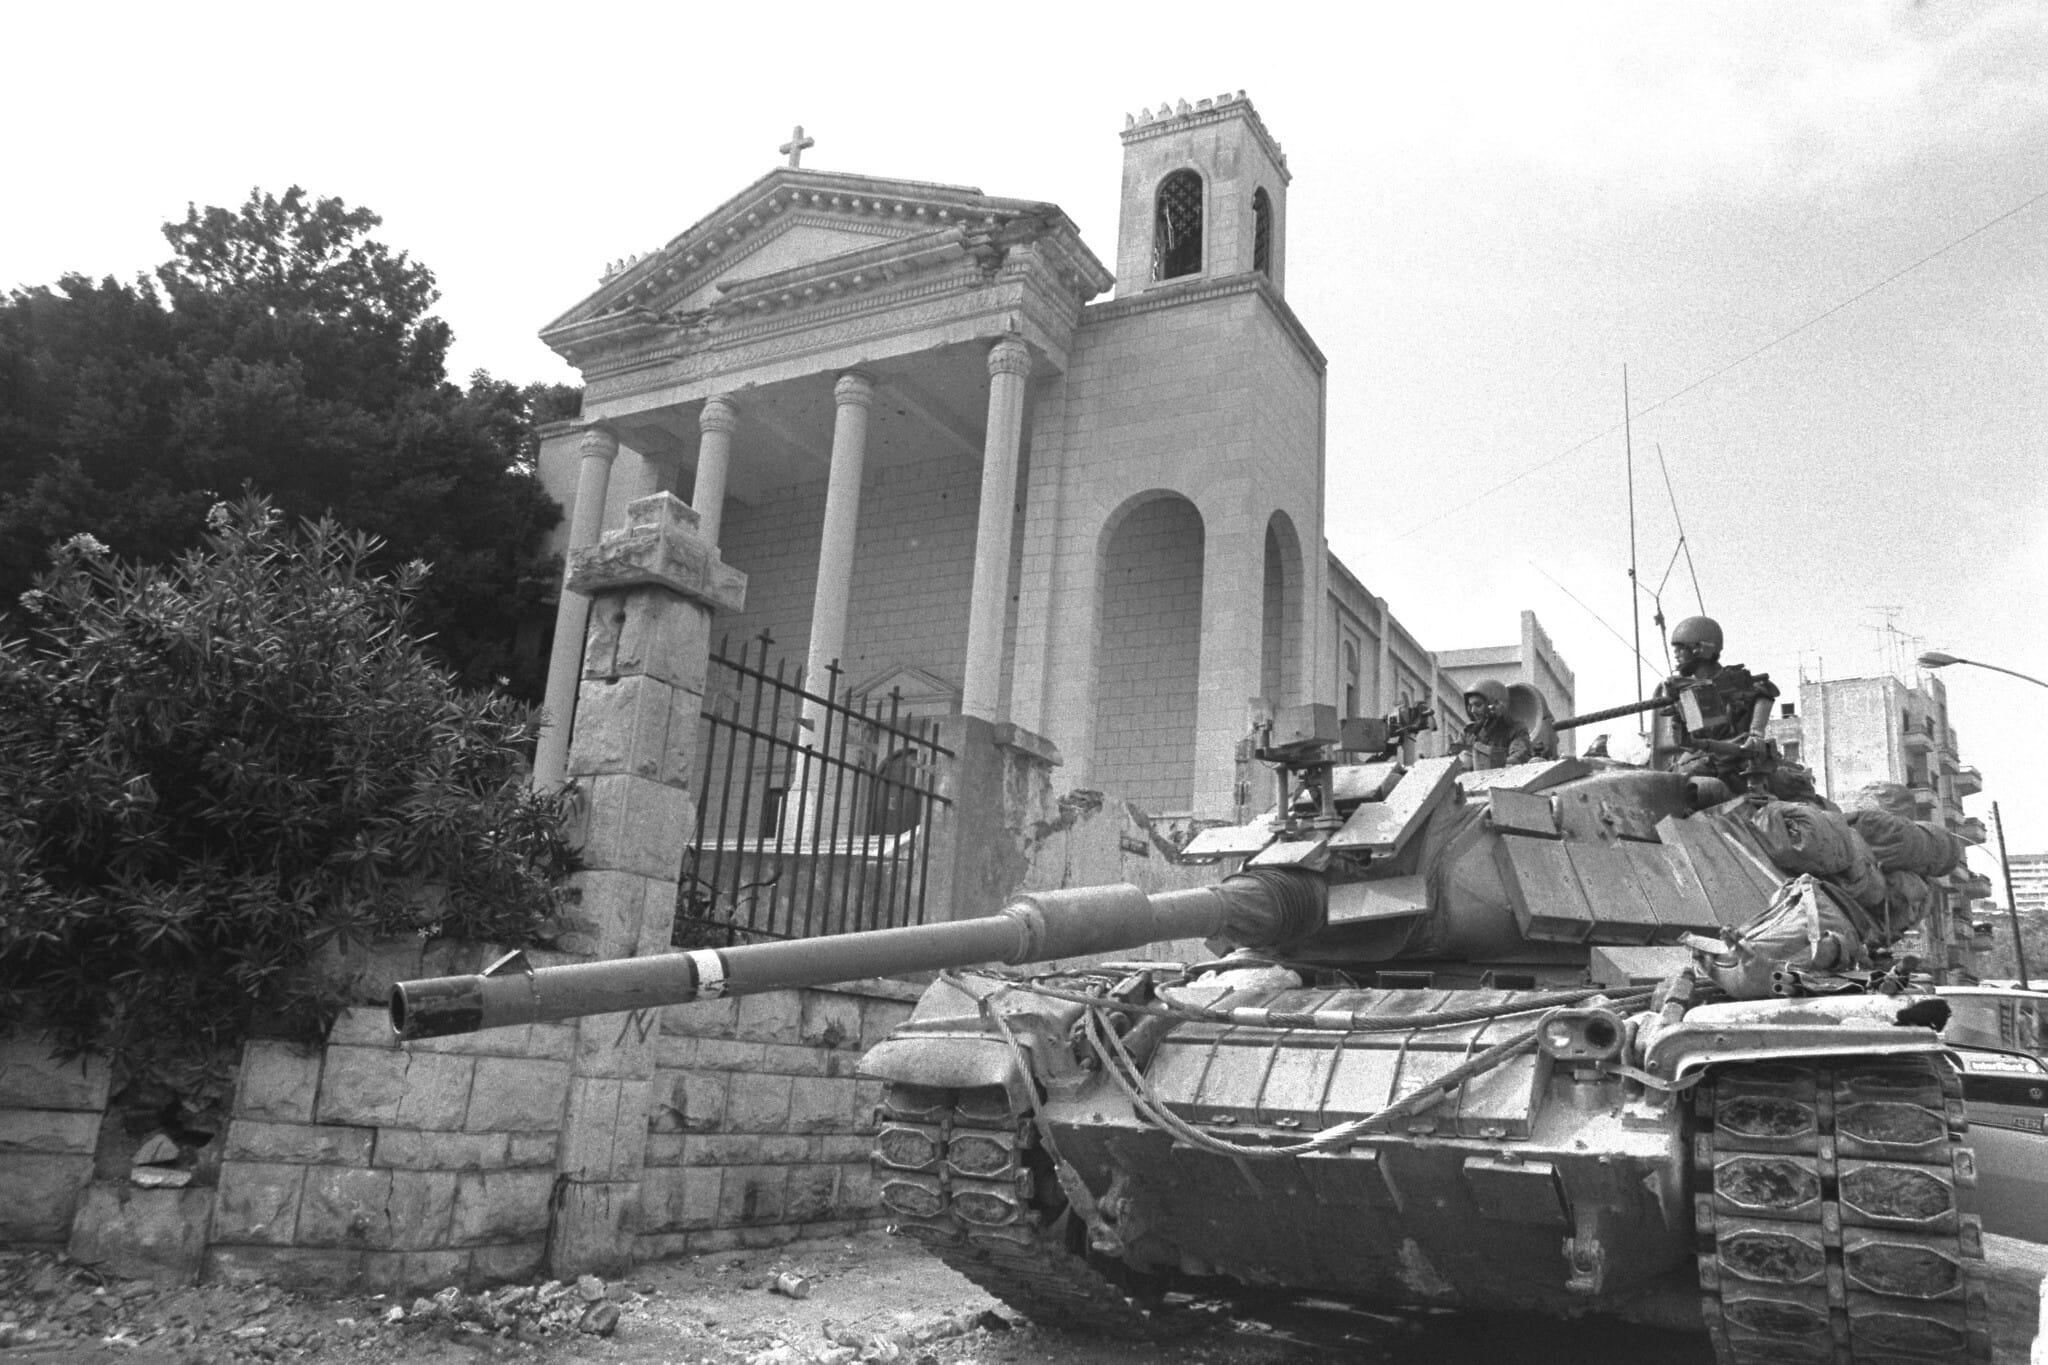 טנק ישראלי ליד אזור המוזיאון של ביירות, 8 באוגוסט 1982 (צילום: לשכת העיתונות הממשלתית/יעקב סער)